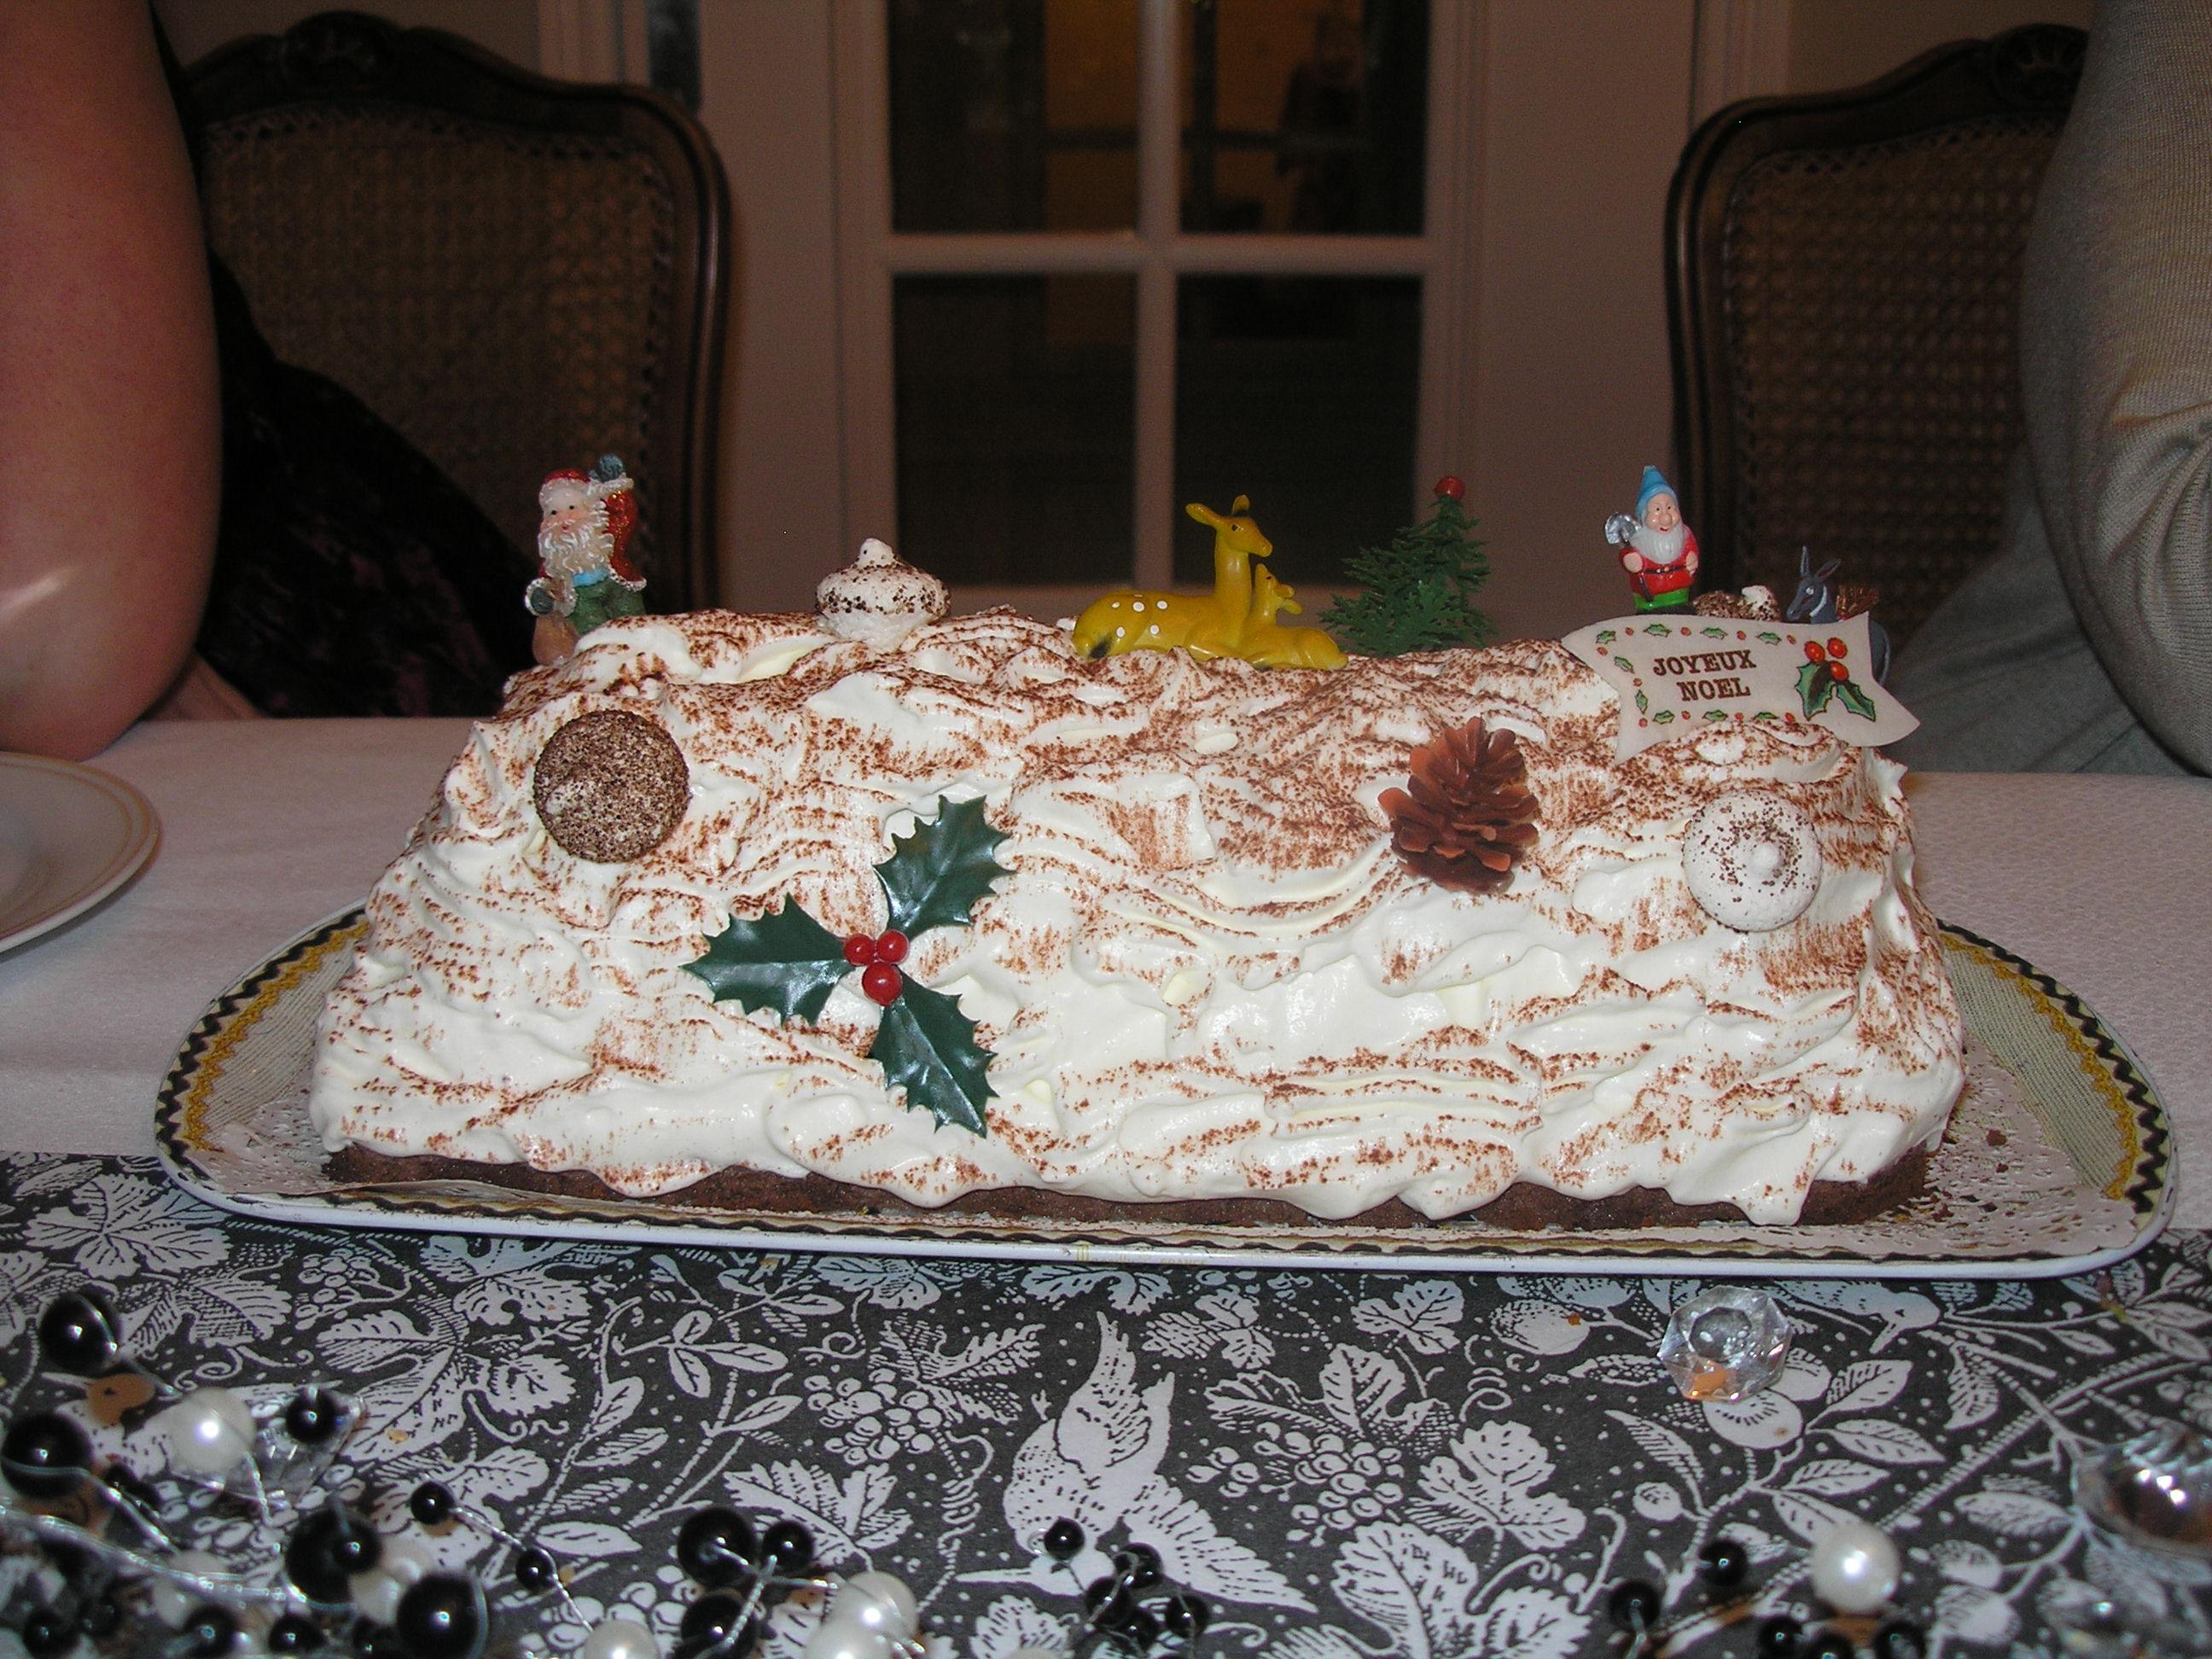 Buche de no l au chocolat et l 39 orange a l 39 heure des r ves - Decorer une buche de noel ...